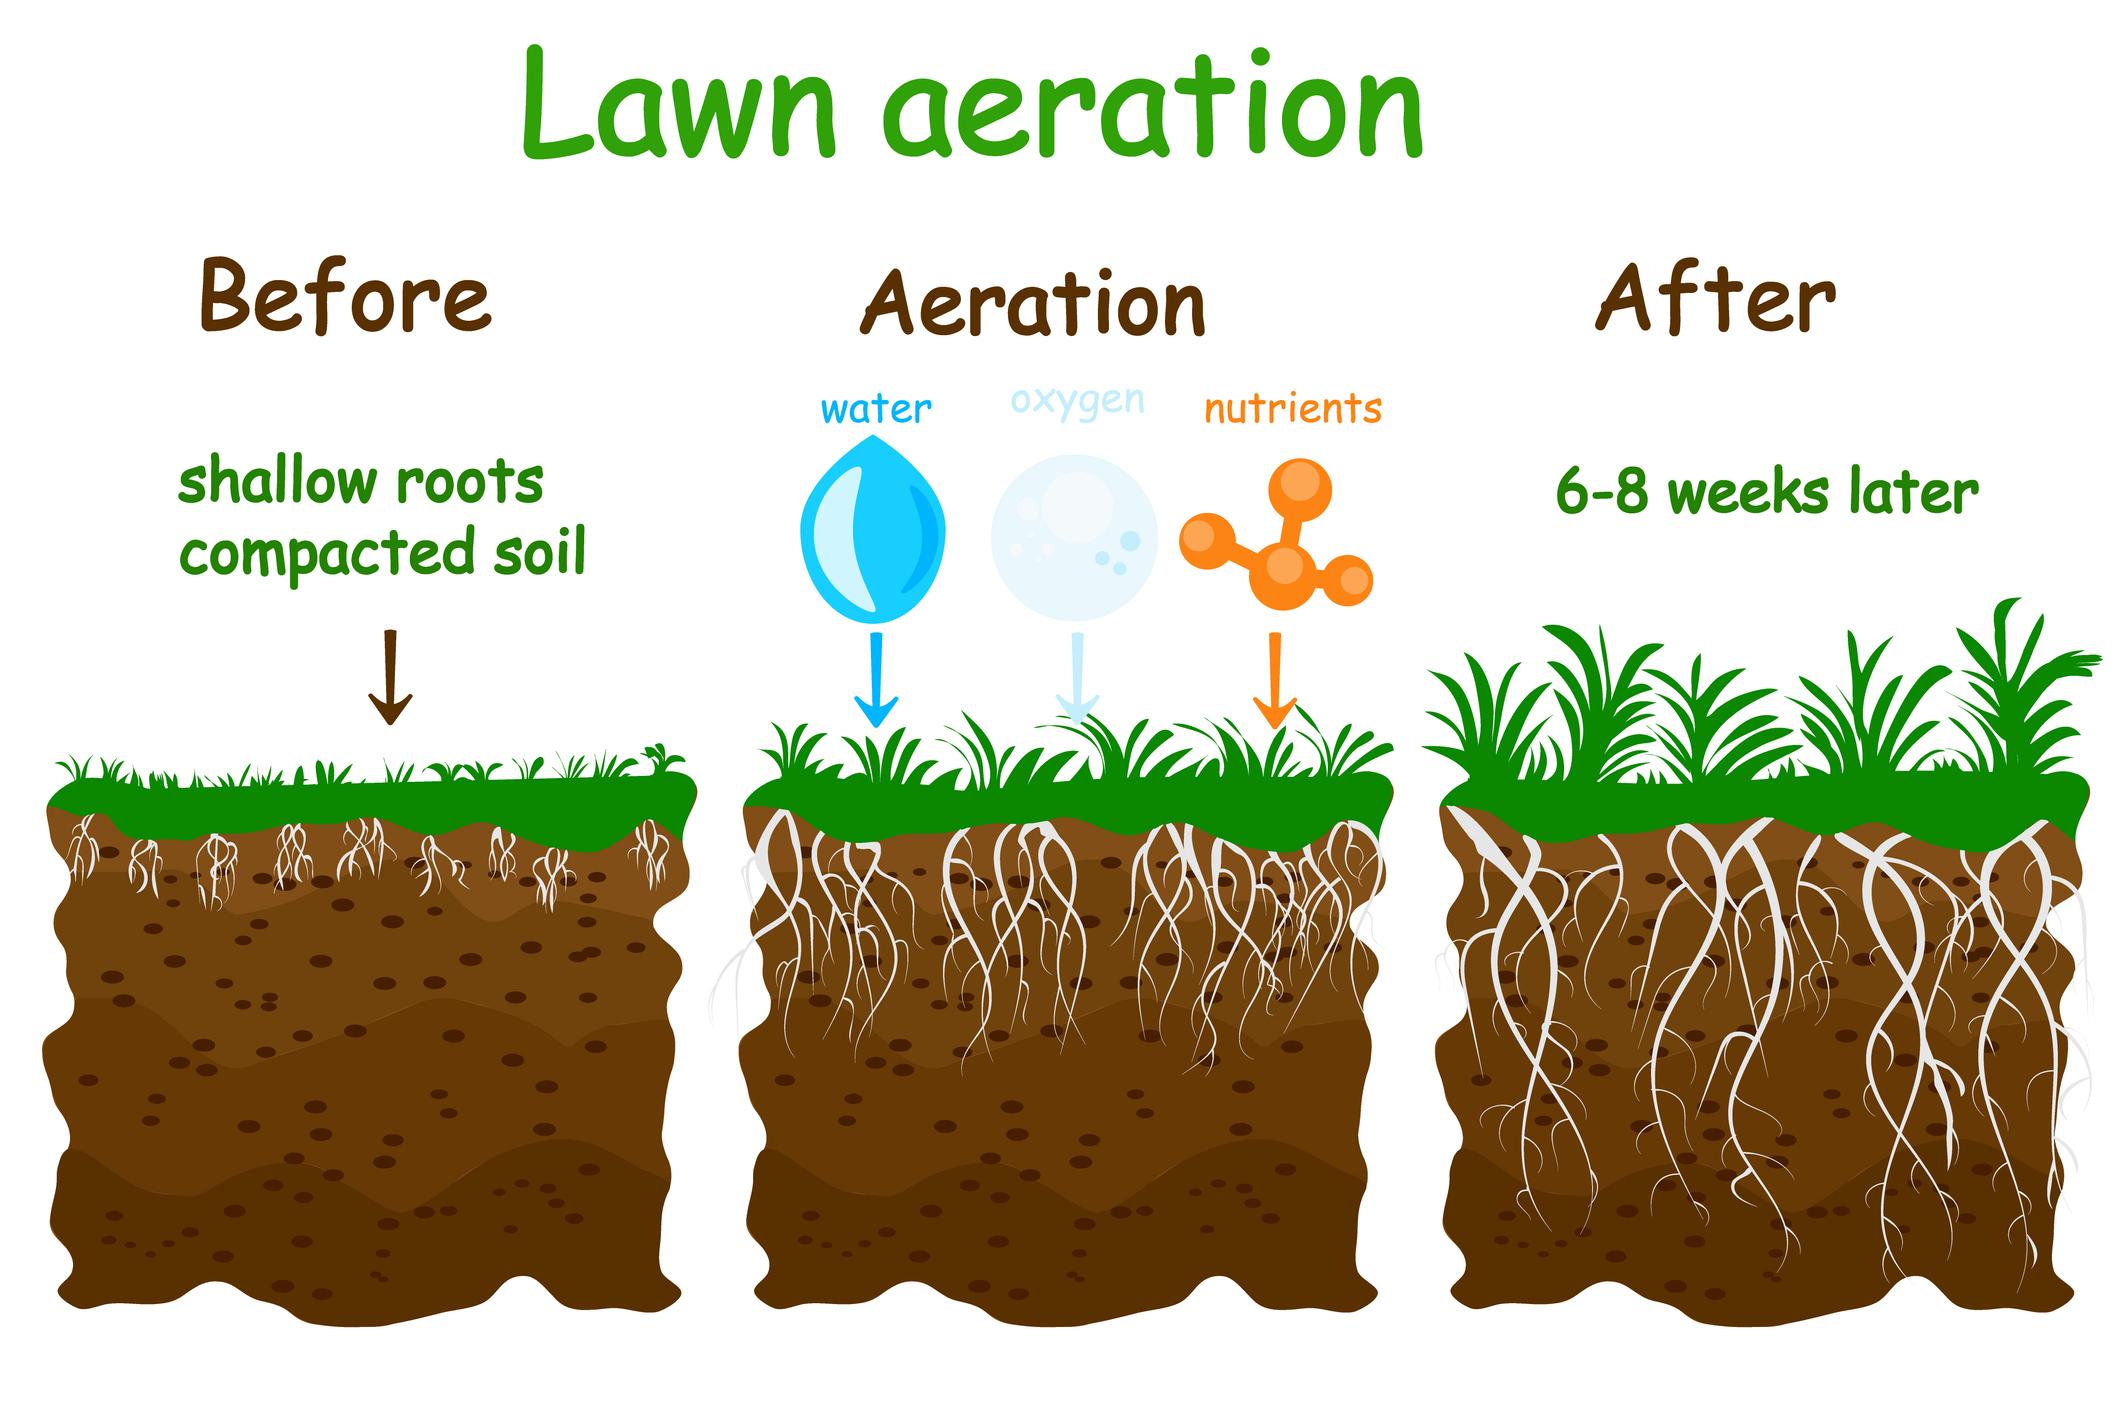 lawn-aeration.jpg